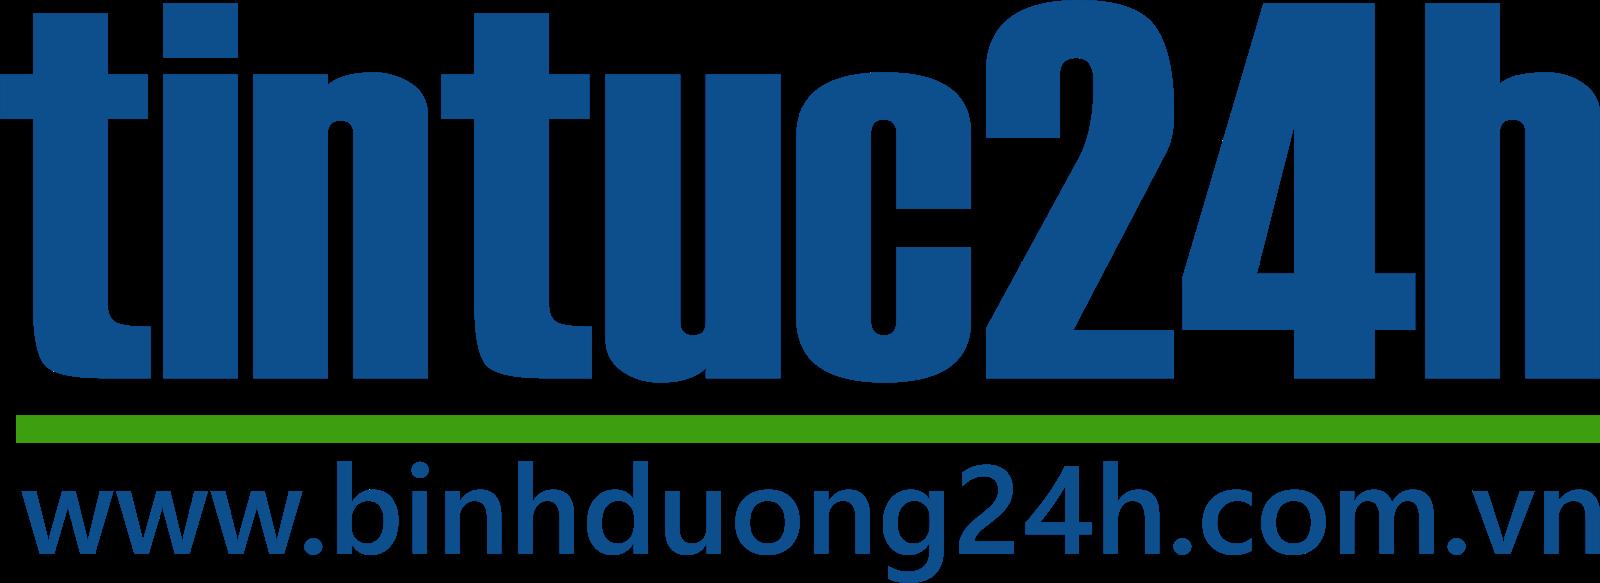 BinhDuong24h.com.vn ! Bình Dương 24h ! Thời Sự Tin Tức 24h ! Covid-19